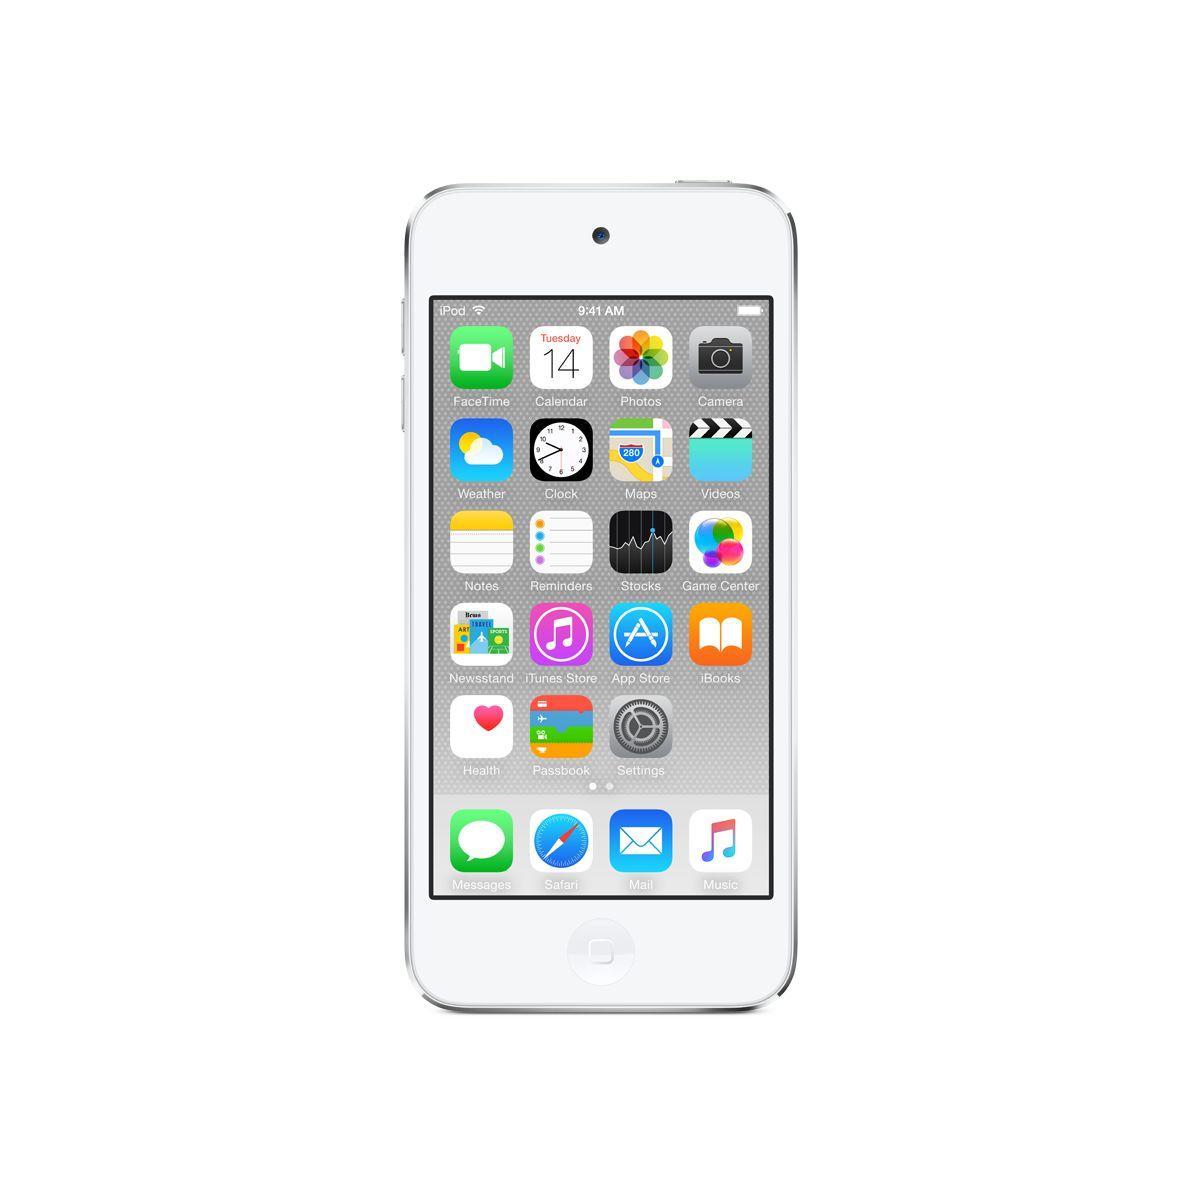 Lecteur mp4 apple ipod touch 128gb silver - livraison offerte : code livdom